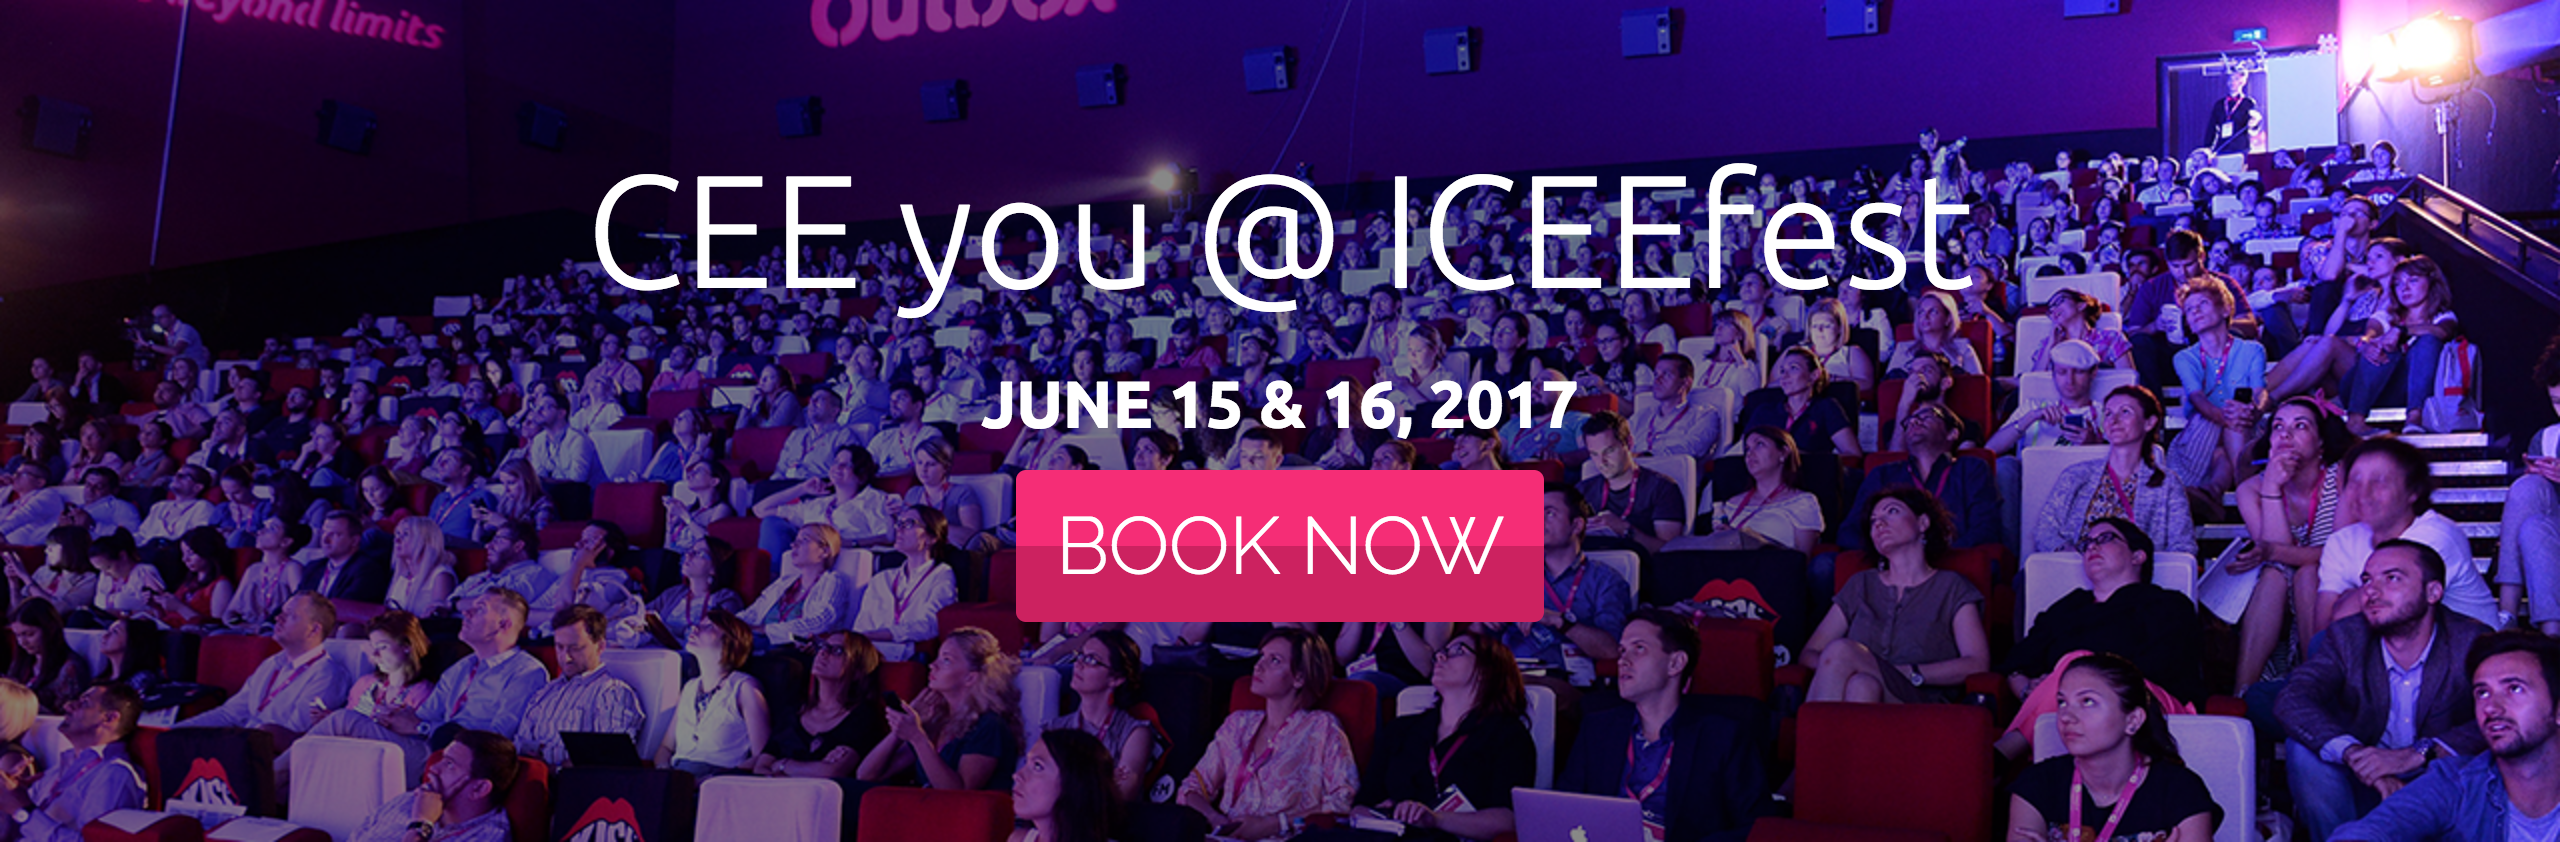 BookNow-ICEEfest